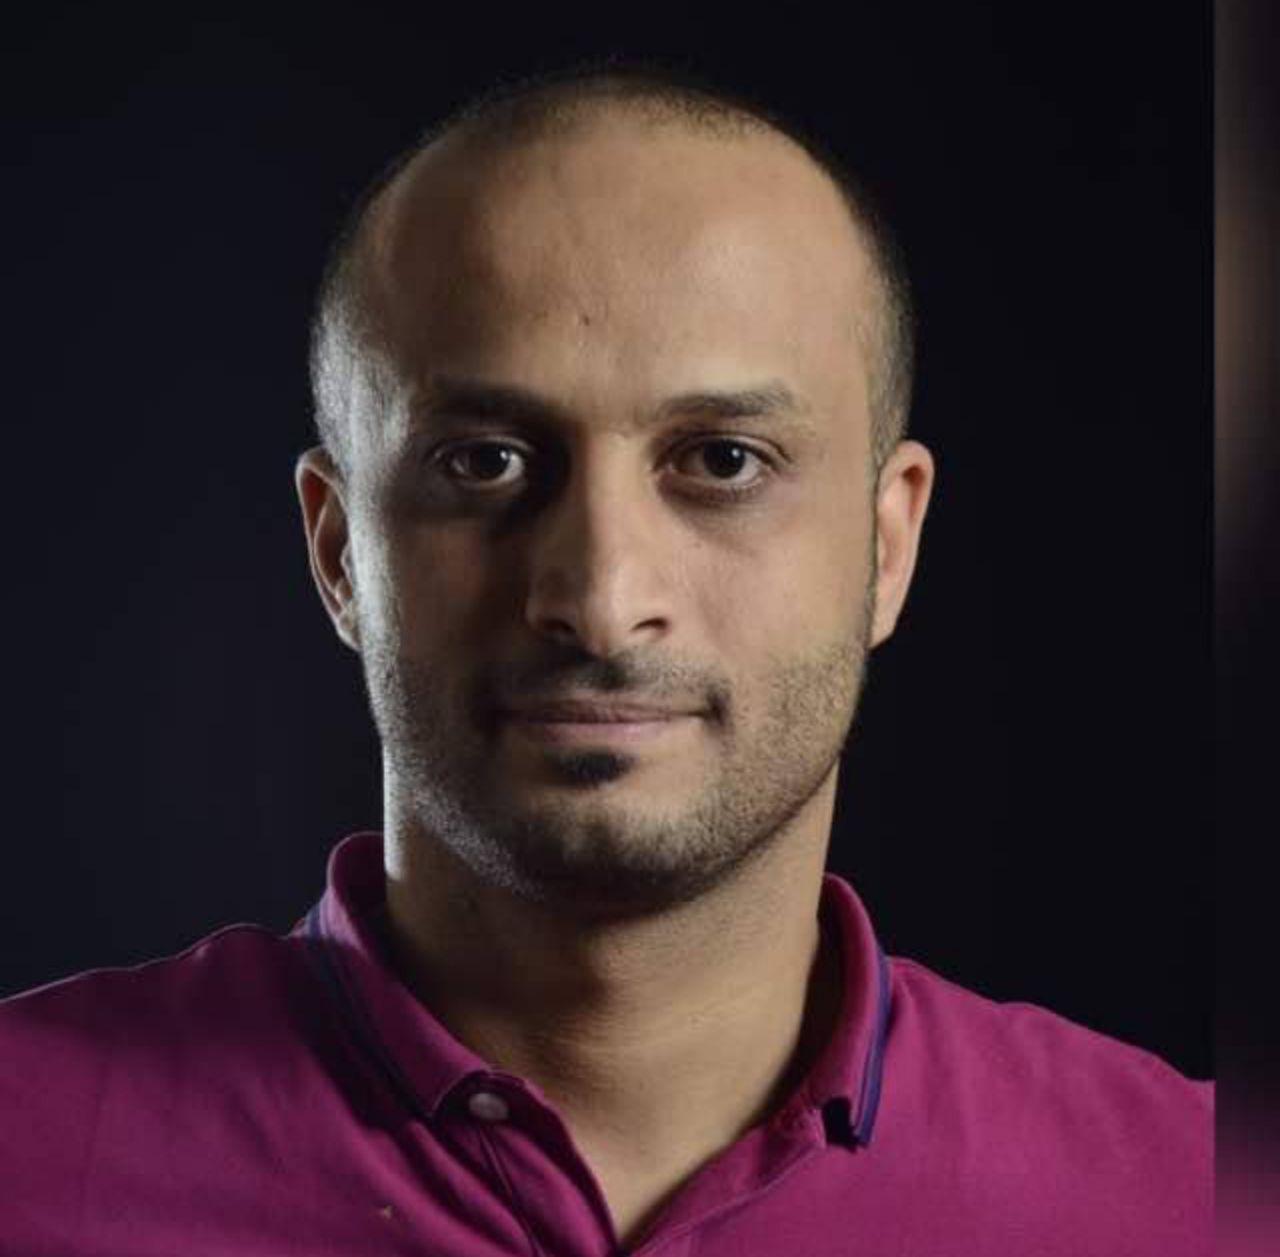 Mohammed Mogallis